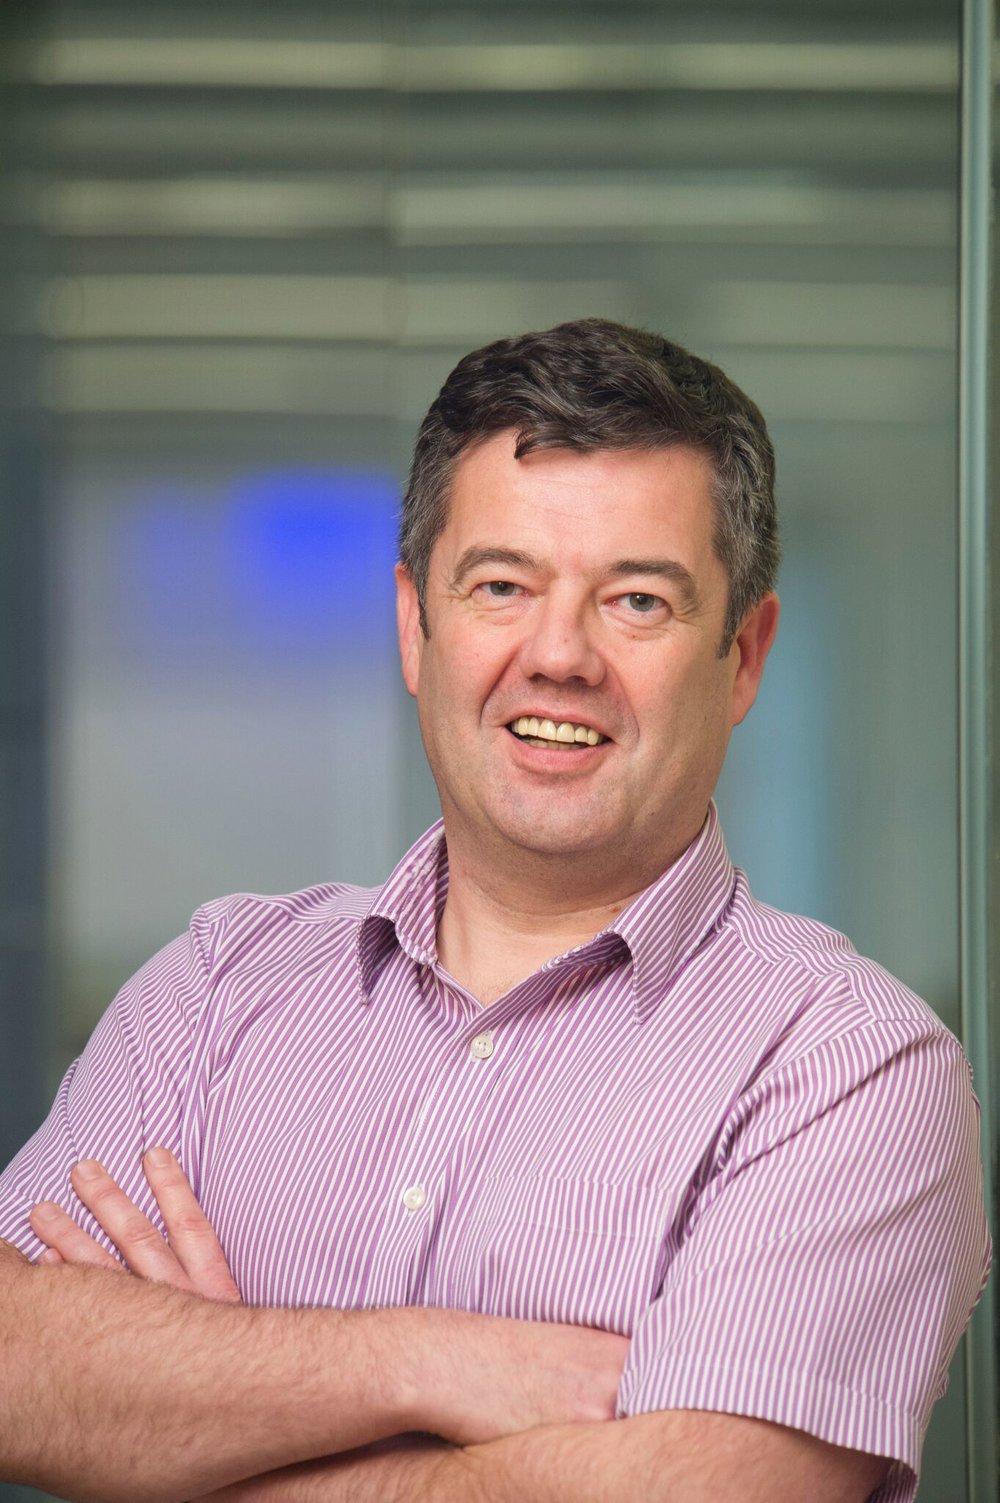 Paul Rowland Senior Quantity Surveyor